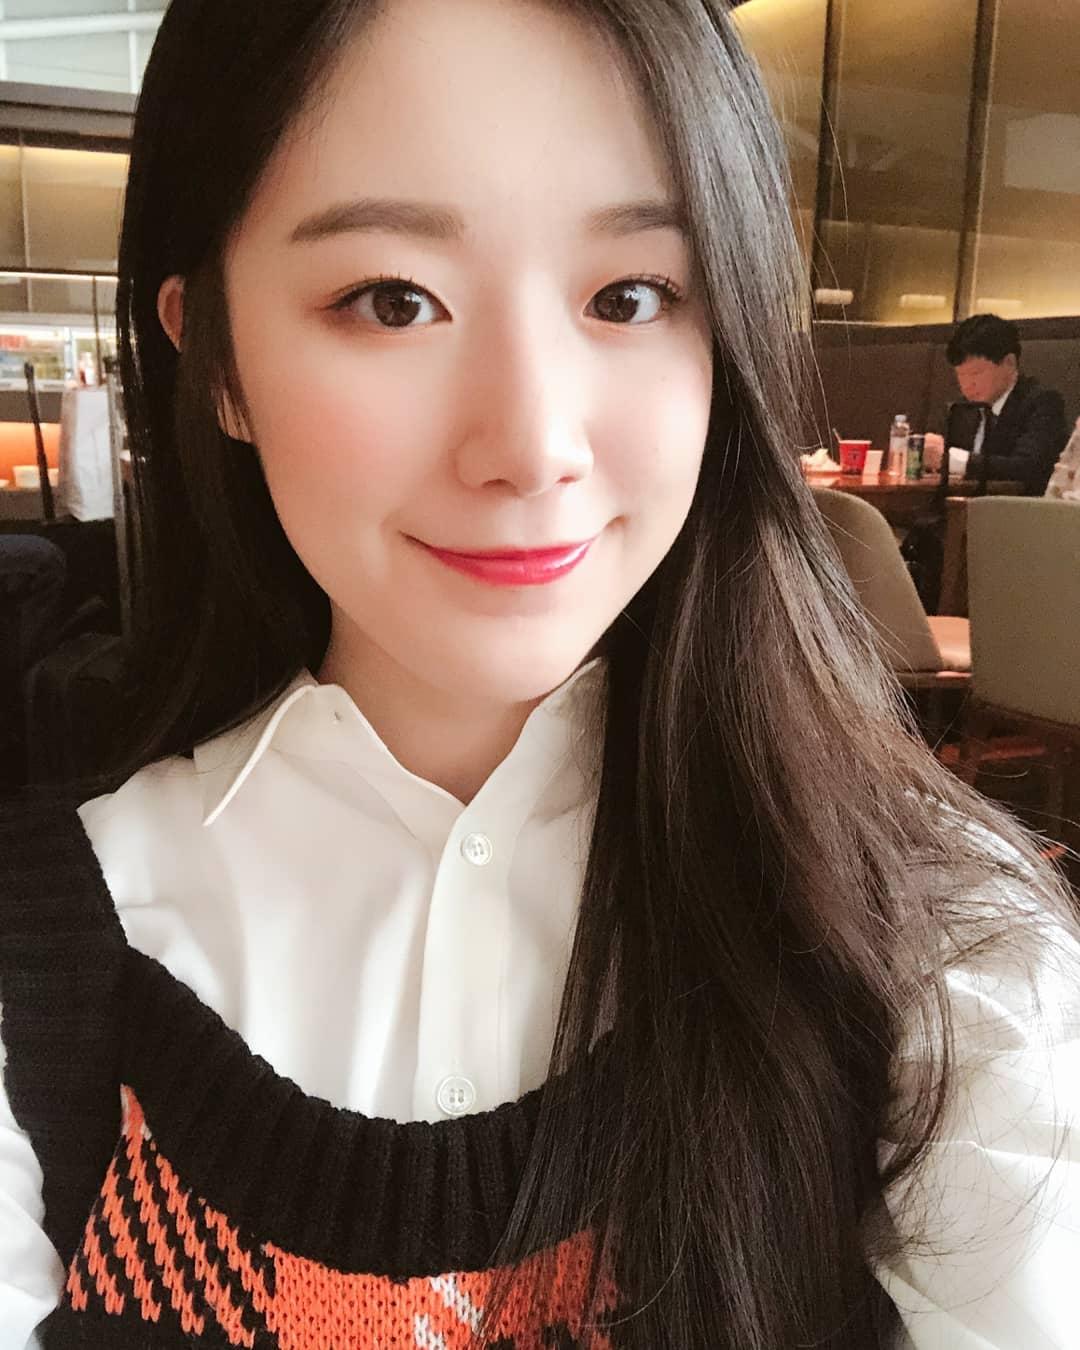 想必大家都知道在韓國出道成為偶像是一件很不容易的事情,尤其對於外國人來說更是特別辛苦!要適應陌生的國家、學習新的語言,對於離鄉背井的外籍成員們來說一定是個艱難的過程呀~